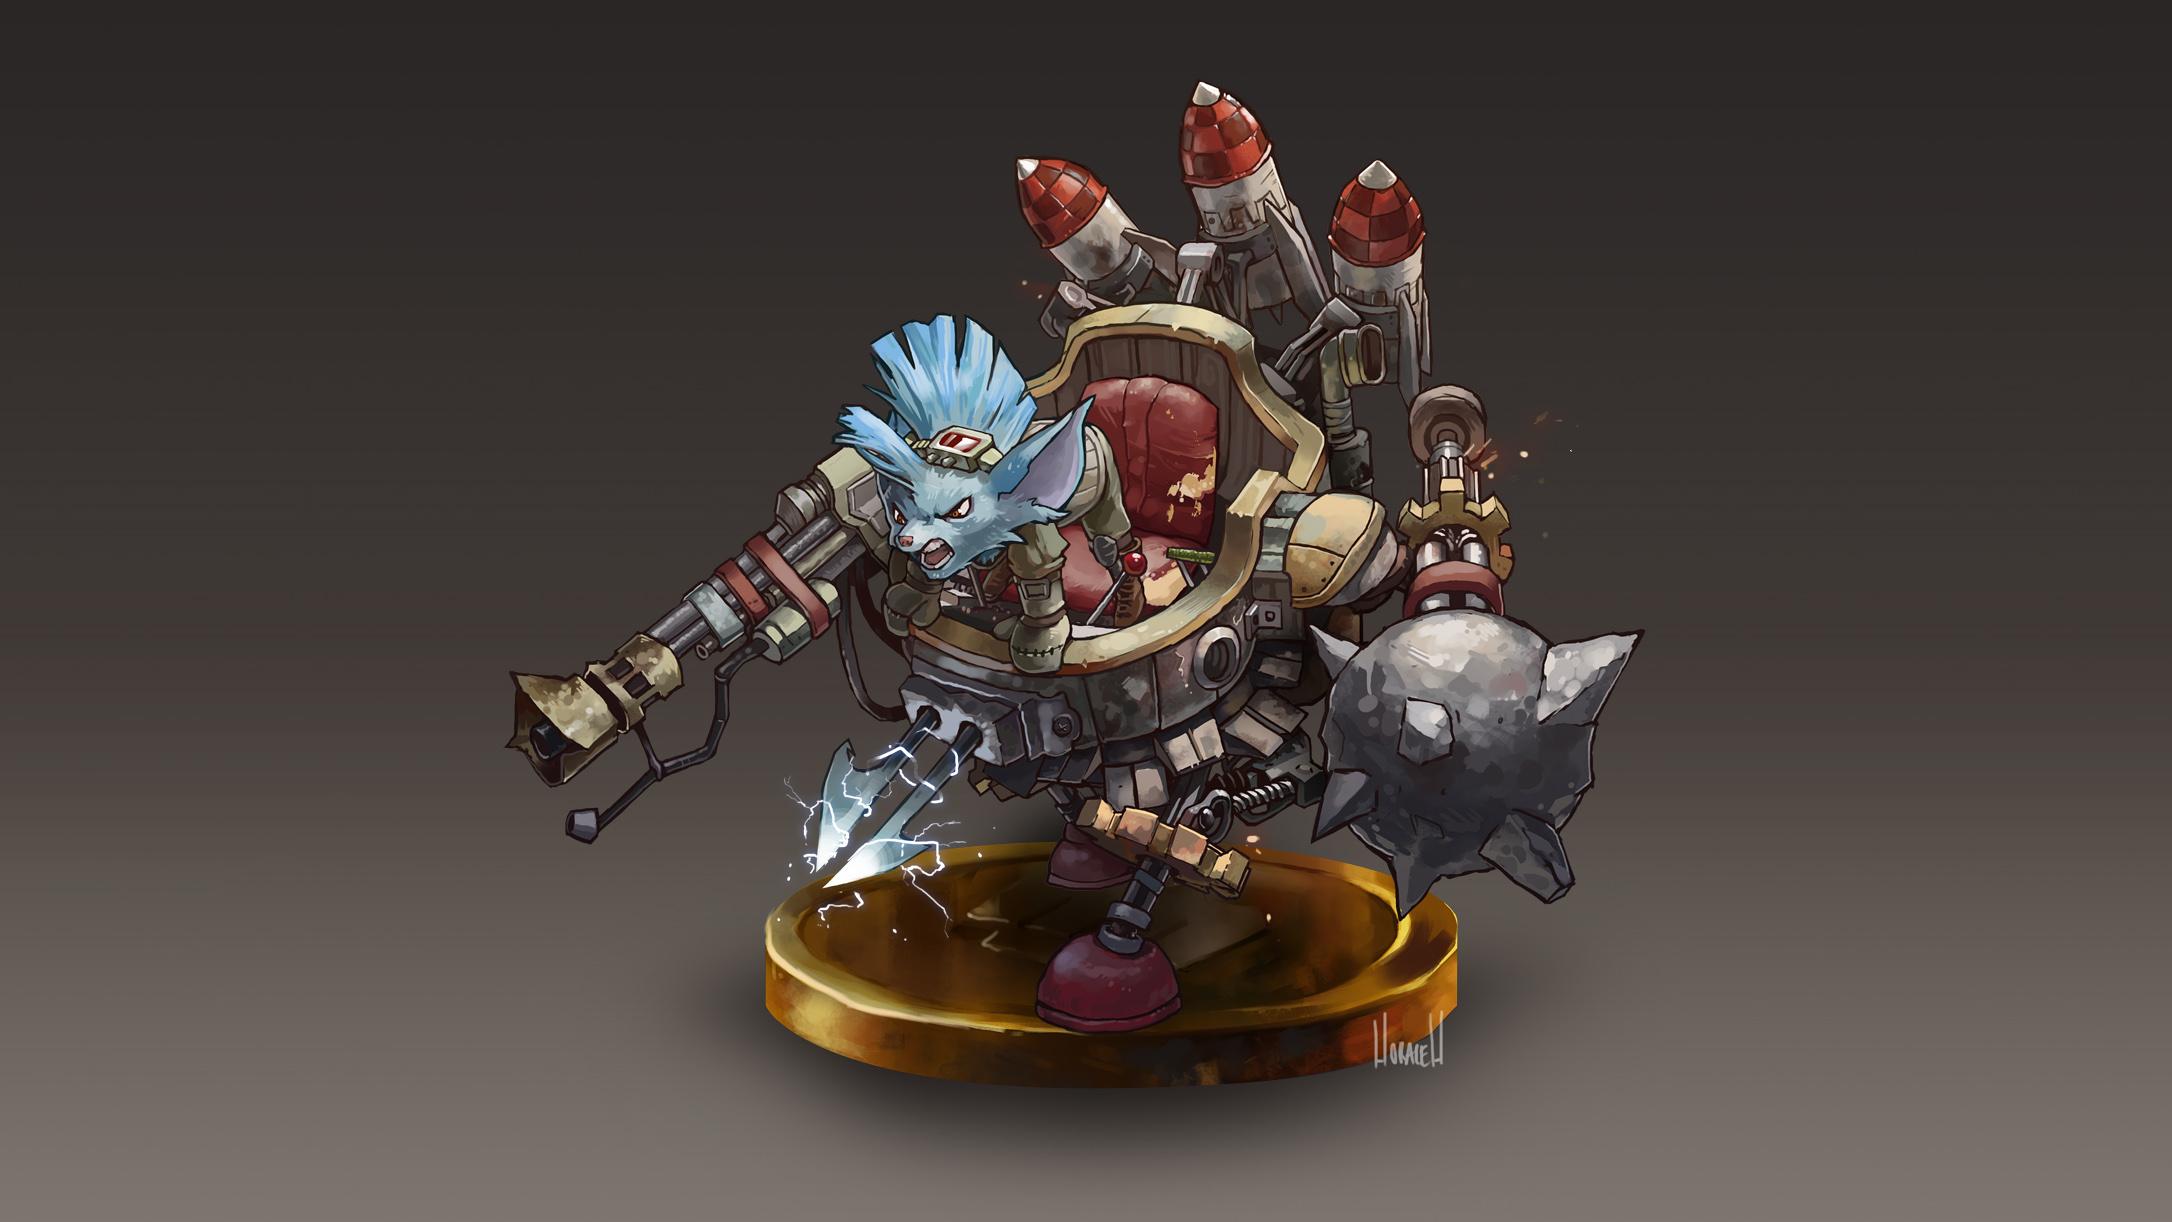 Rumble By Hozure Hd Wallpaper Fan Art Artwork League - League Of Legends Rumble Figure , HD Wallpaper & Backgrounds